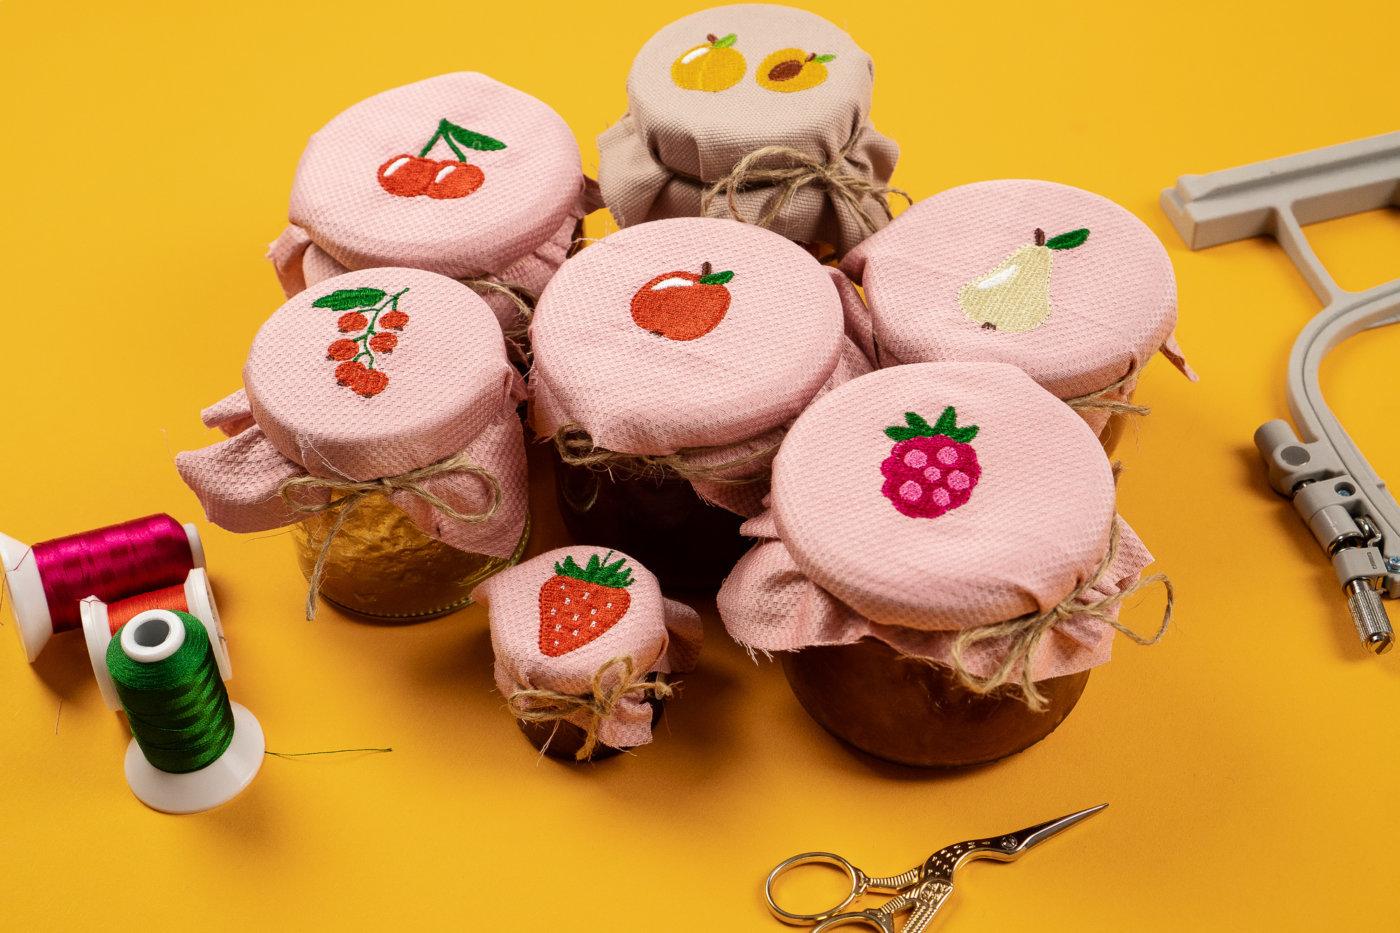 Kirsche, Erdbeere, Johannisbeere, Apfel, Birne, Himbeere und Mirabelle als Stickdatei